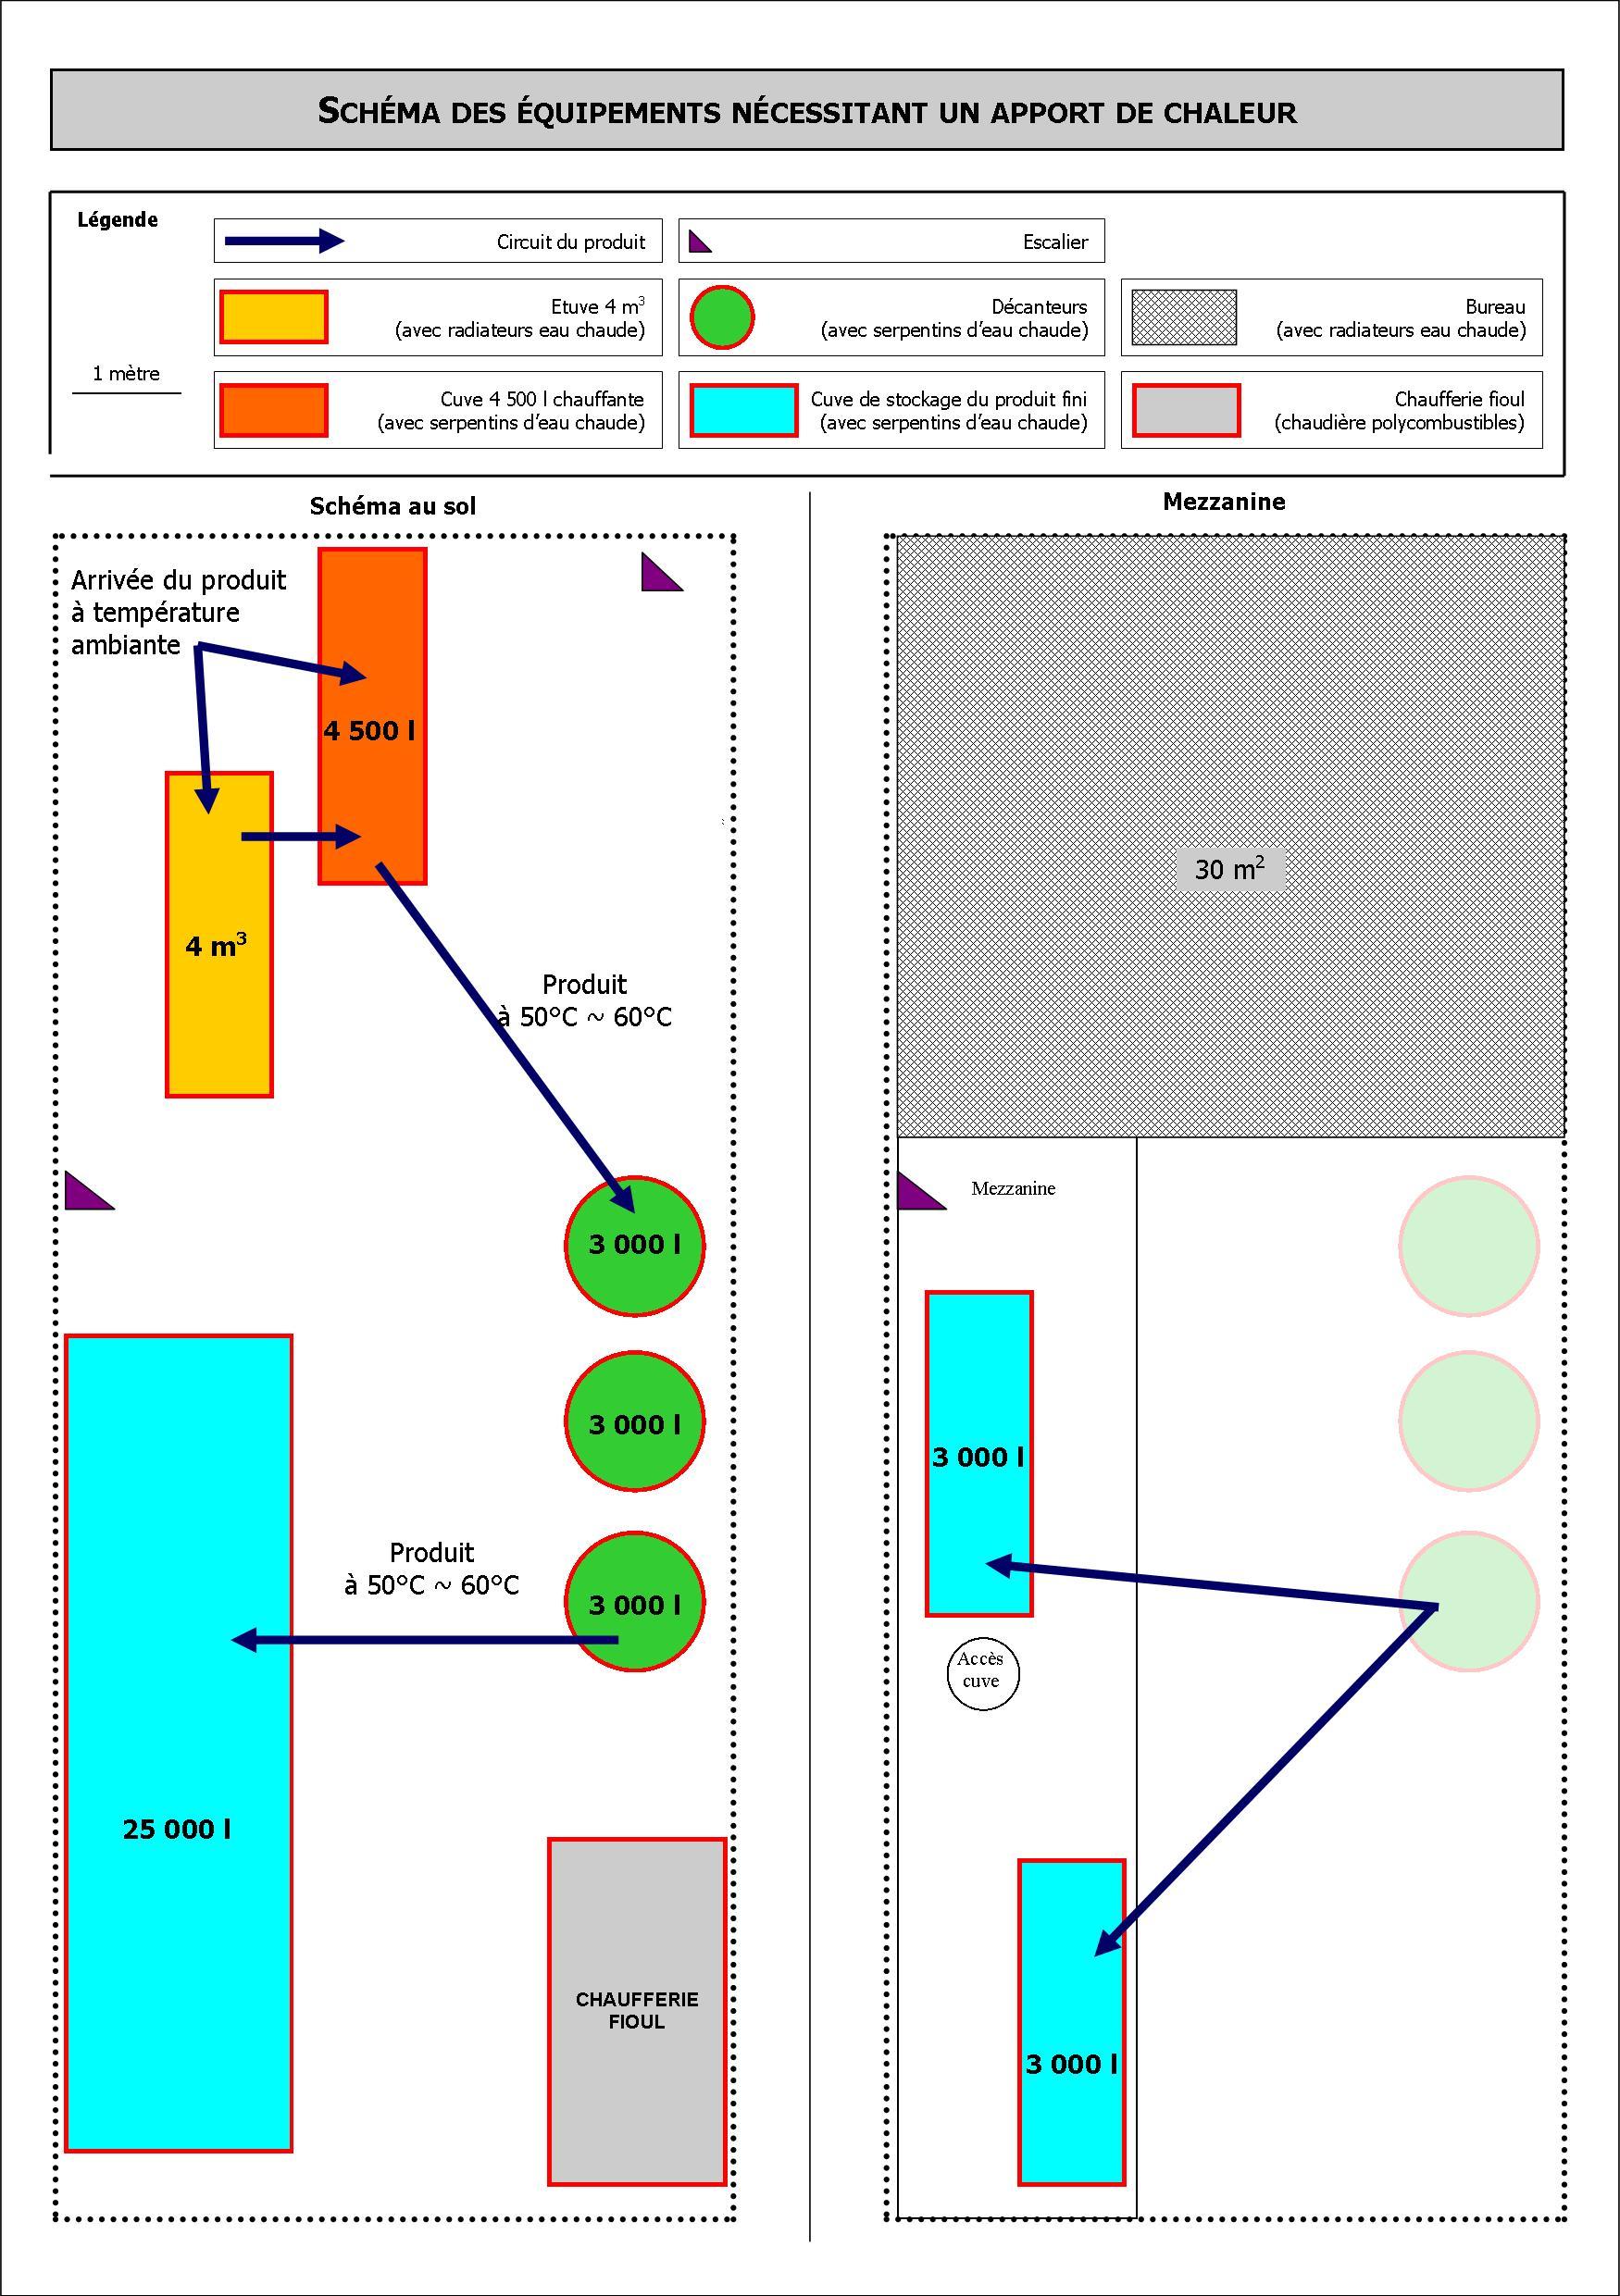 https://www.plombiers-reunis.com/Host/images/1271024609-equipements.jpg